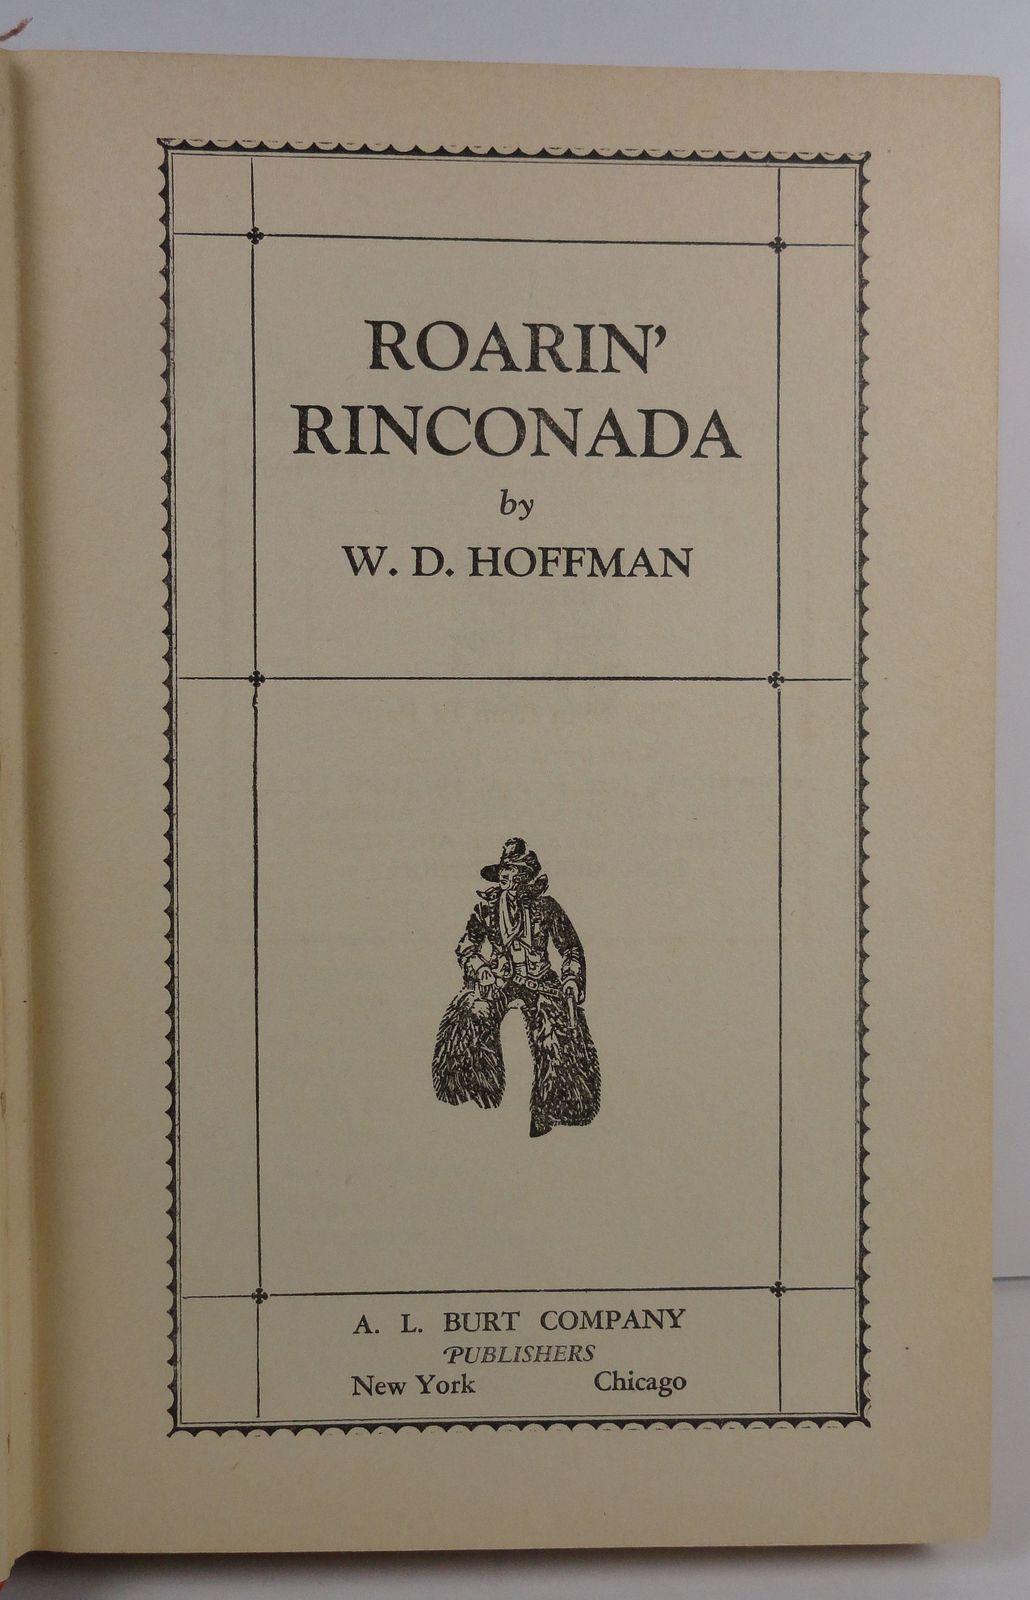 Roarin Rinconada by W. D. Hoffman 1930 A. L. Burt